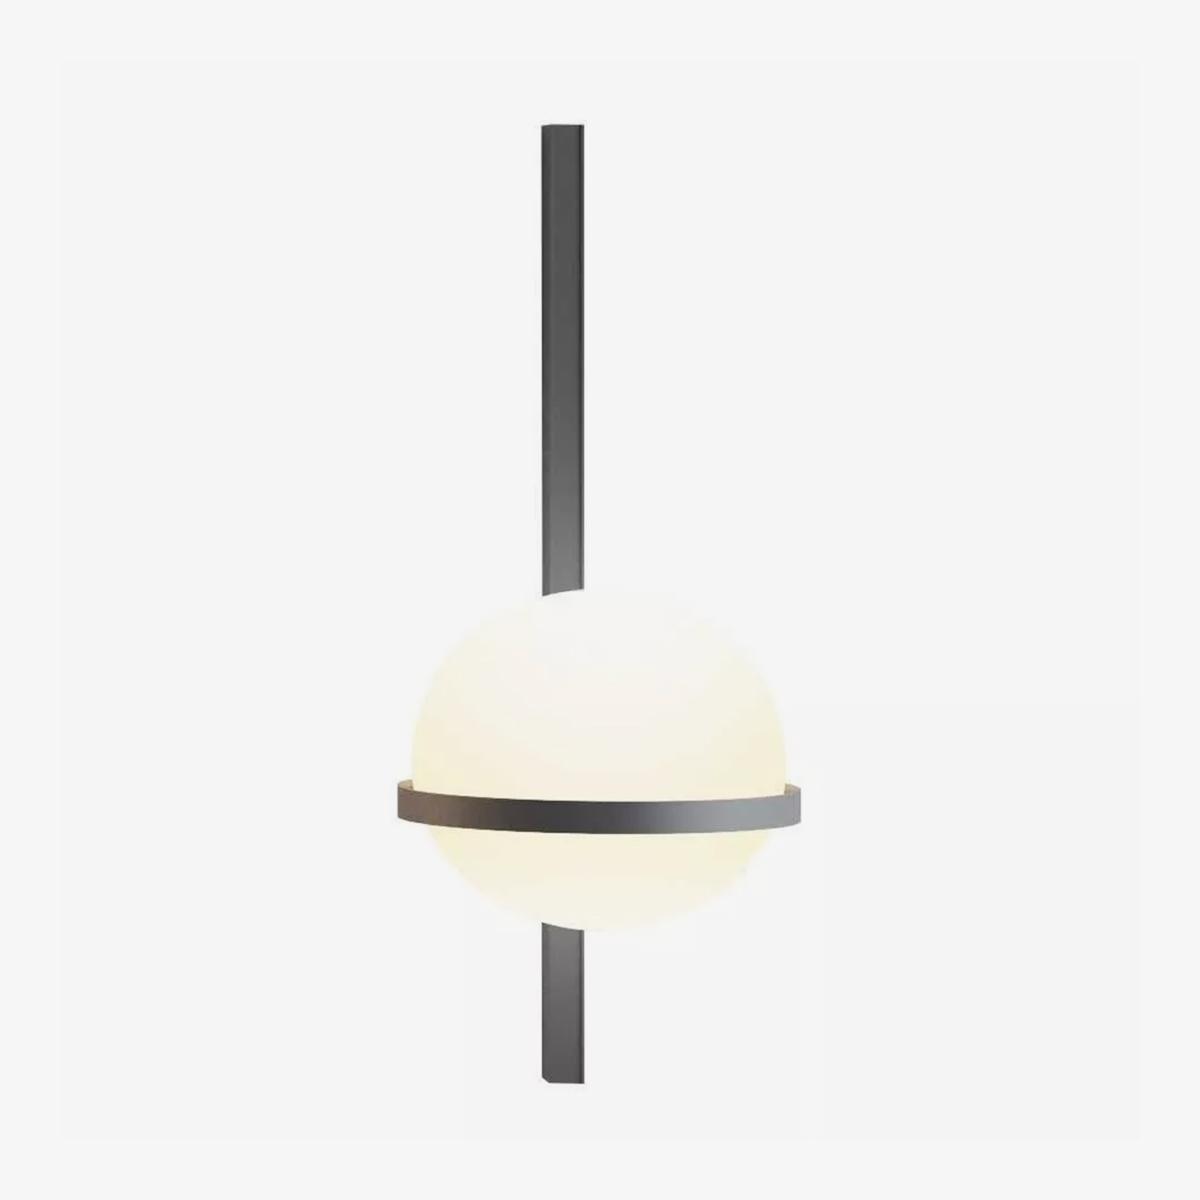 Aplique de pared vertical Palma esfera grafito Vibia-0